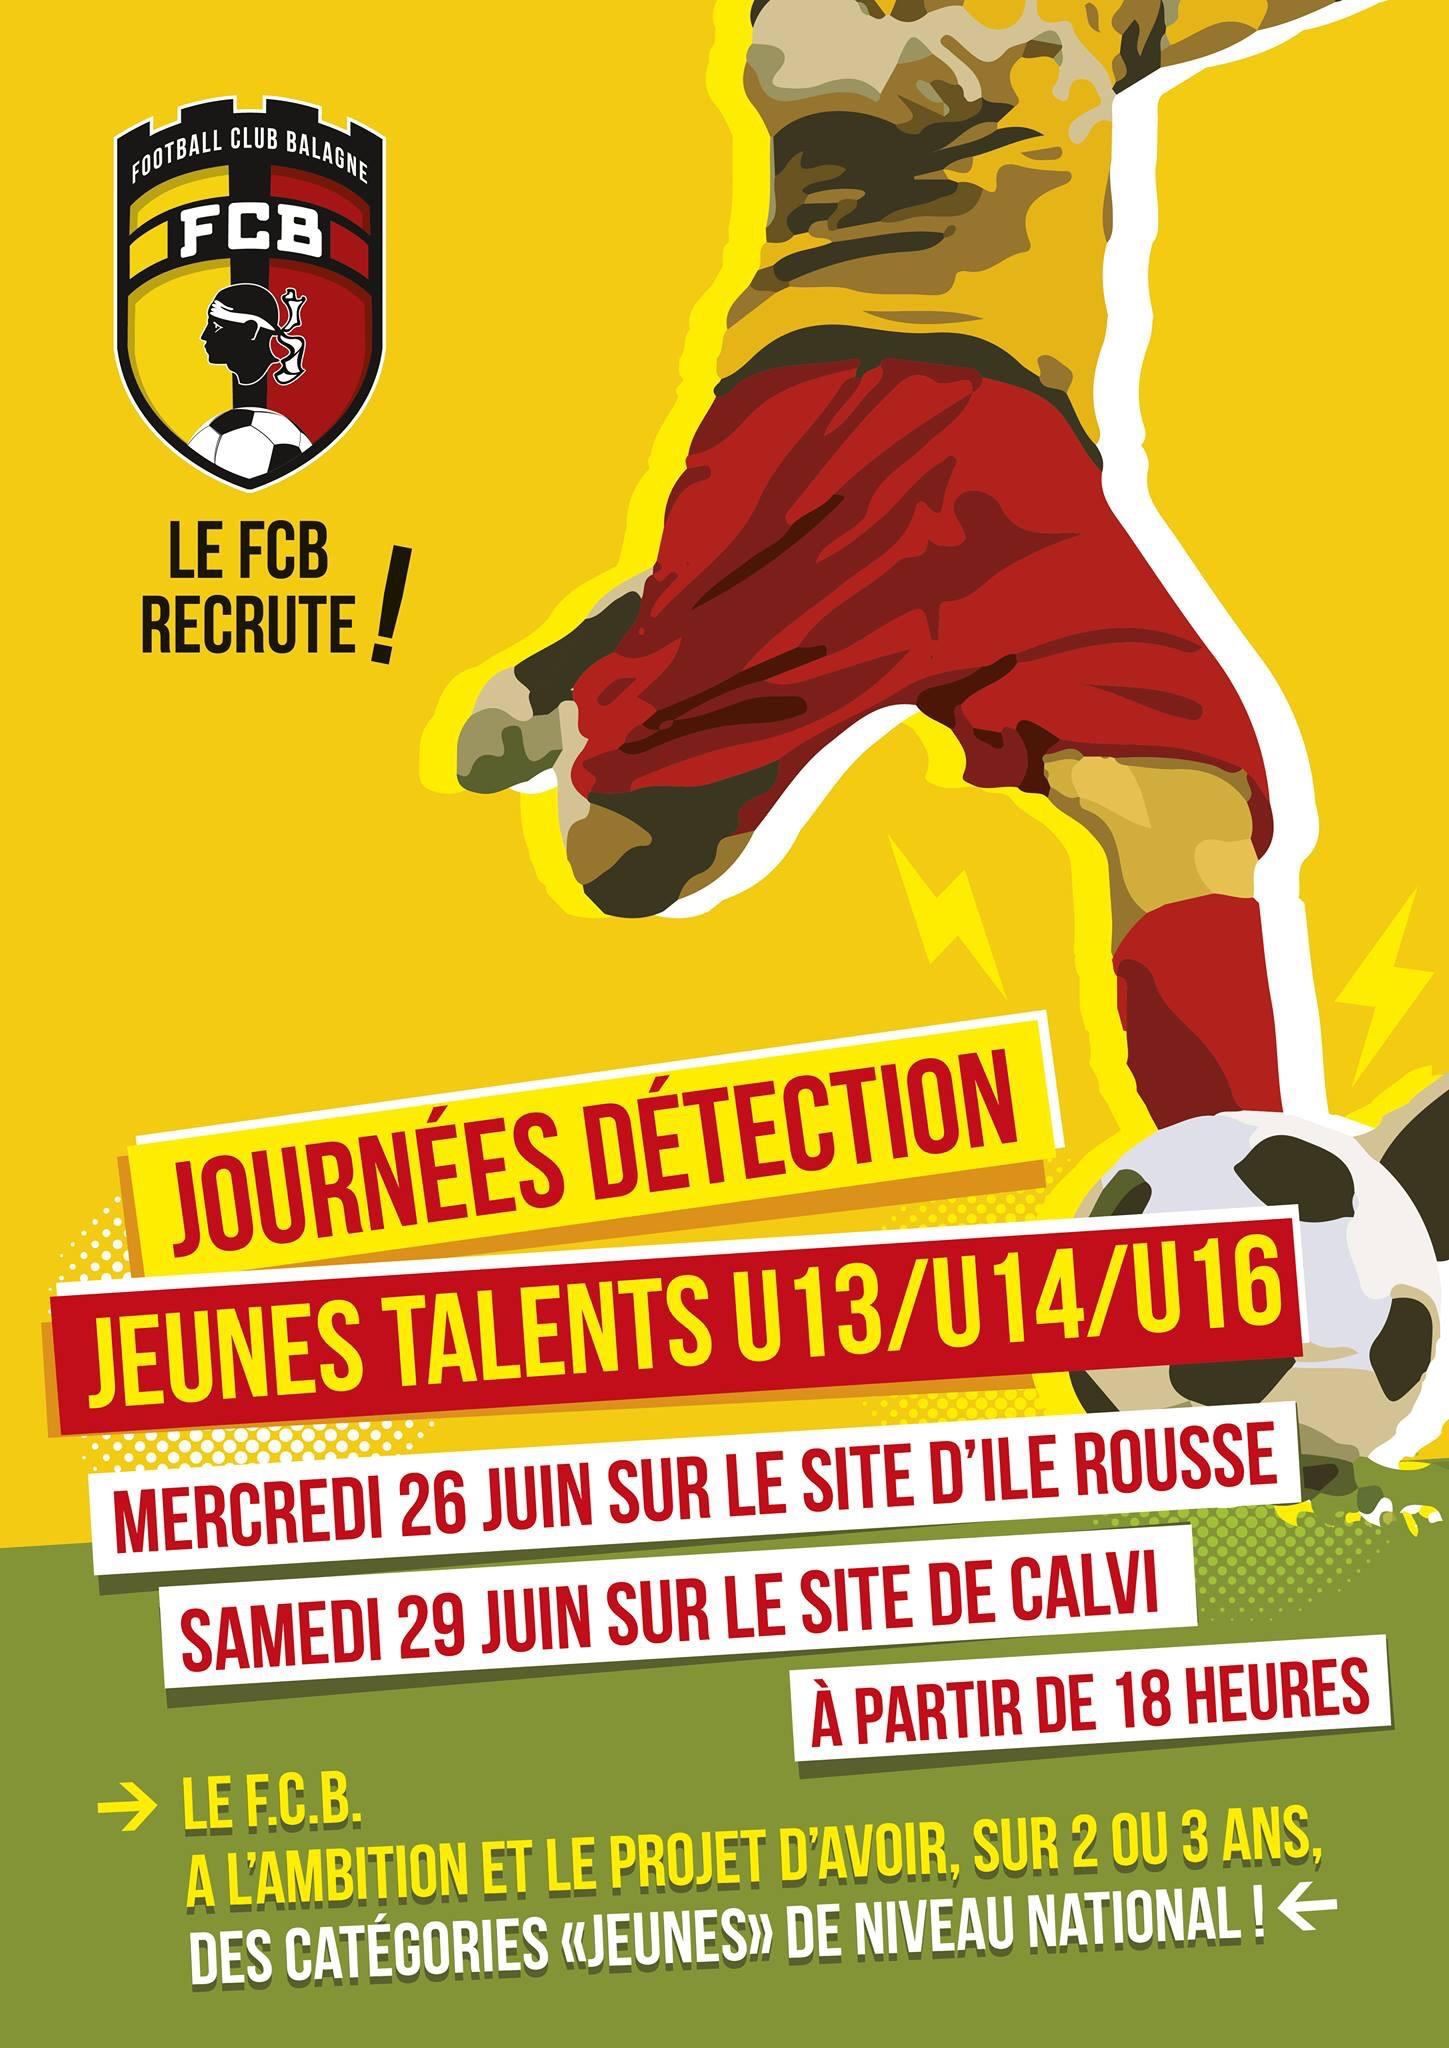 Journées de détection pour les U13, U14, U16 au FC Balagne sur les site de l'Ile-Rousse et de Calvi